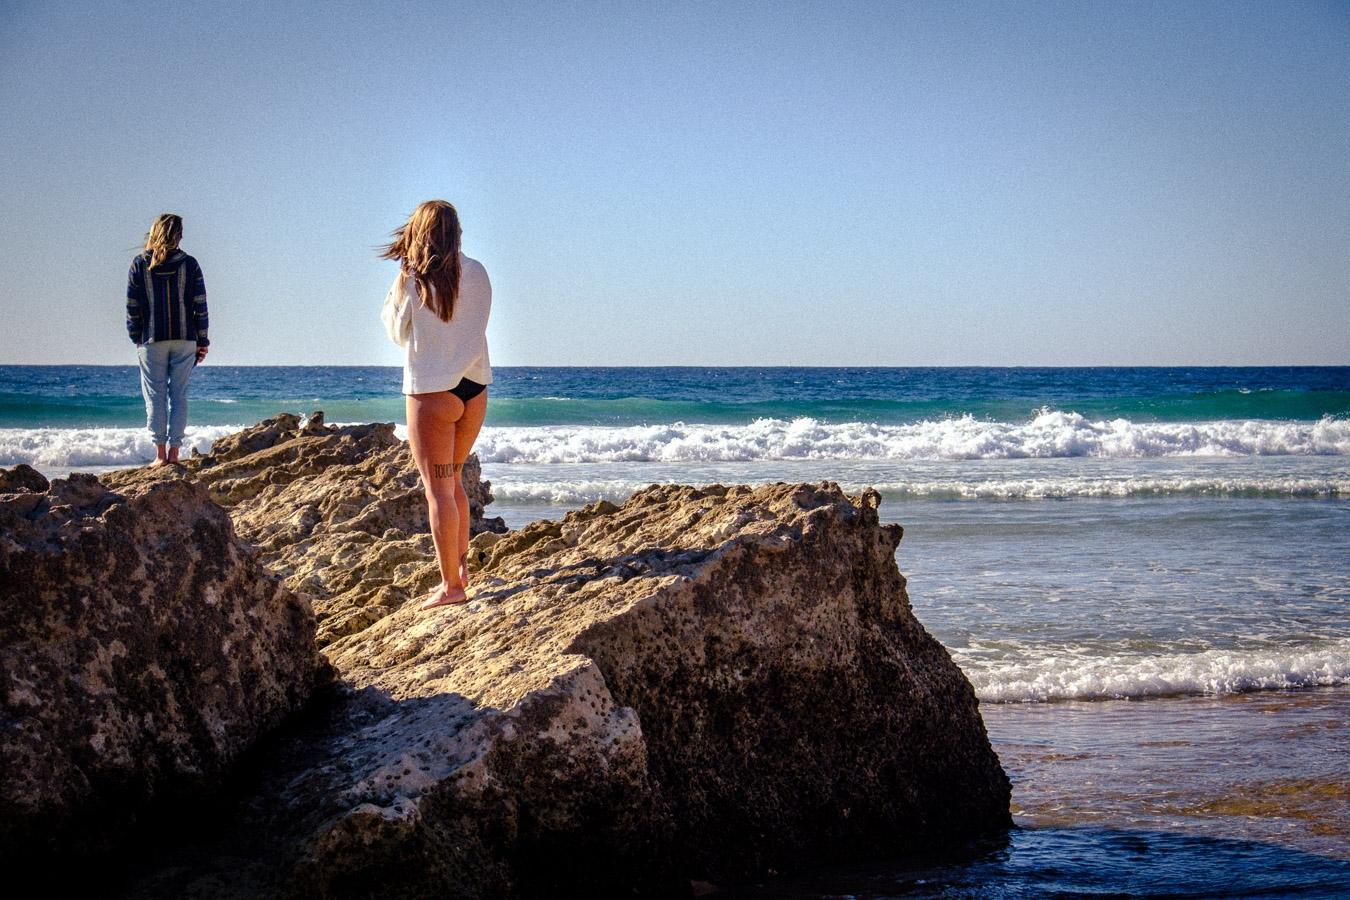 Photographie de voyage - plage d'Algarve, Portugal